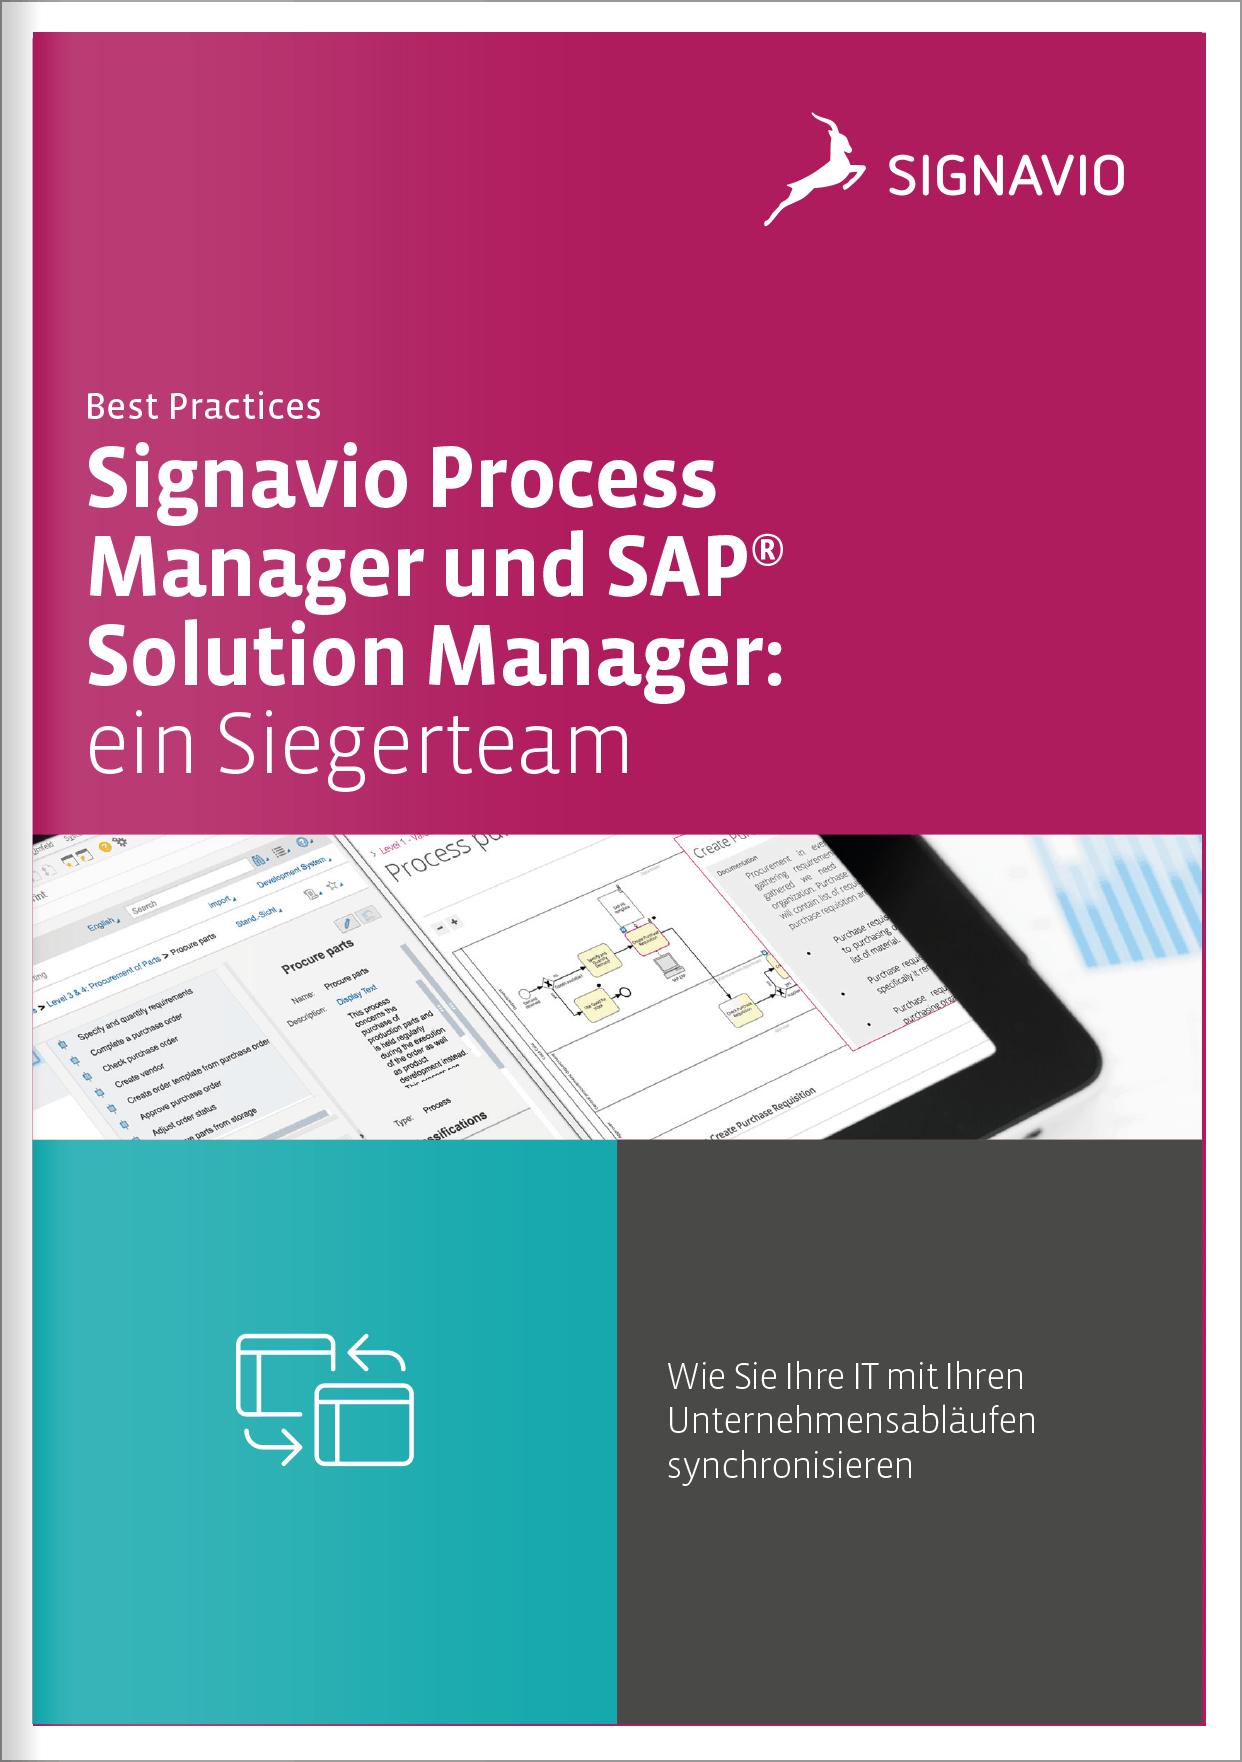 Signavio Process Manager und SAP(R) Solution Manager: ein Siegerteam